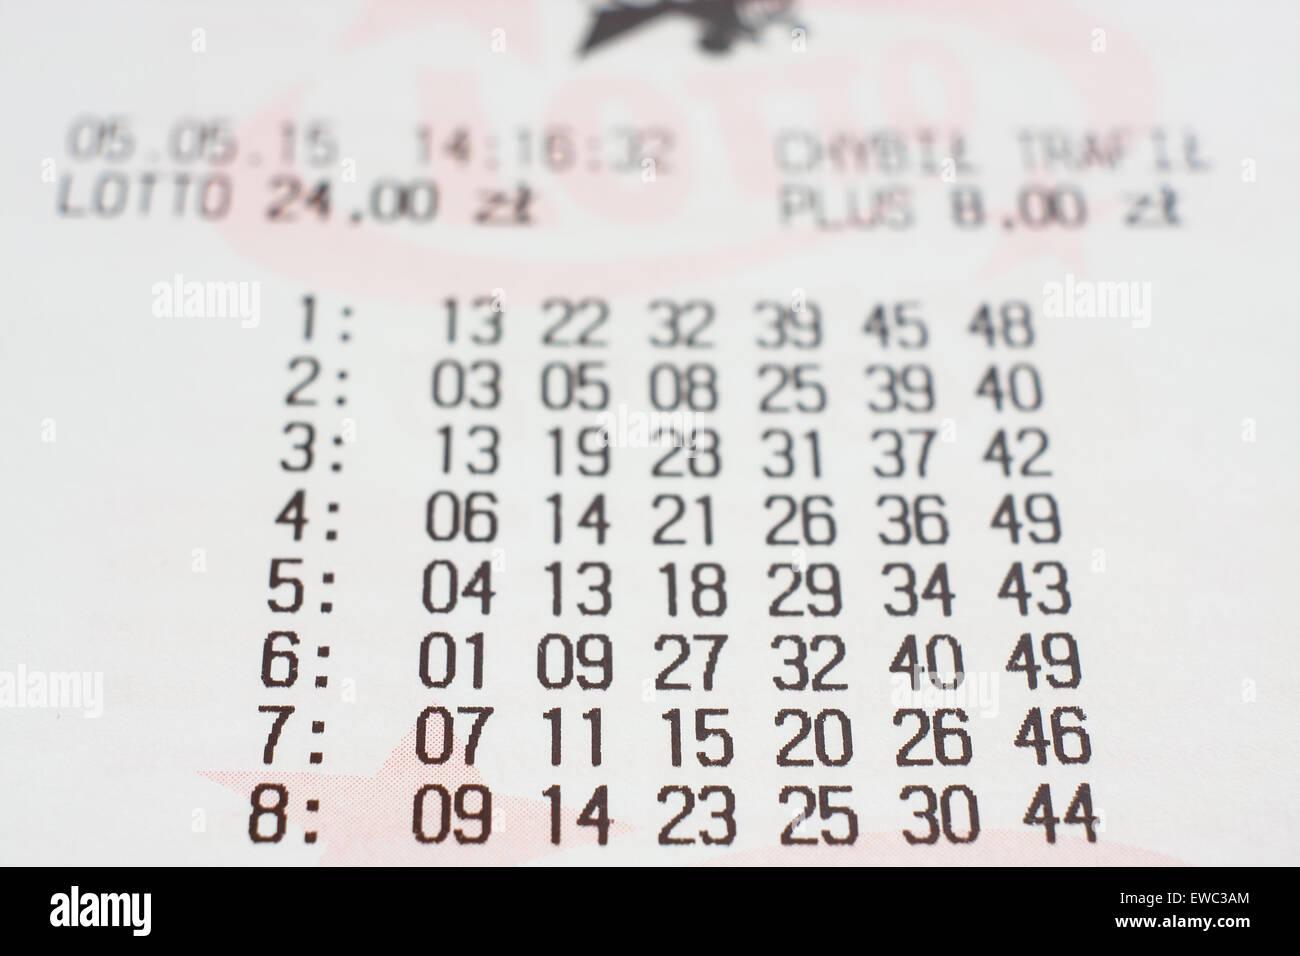 GDANSK, Polonia - 05 maggio 2015. Polacco biglietto lotto con numeri Immagini Stock